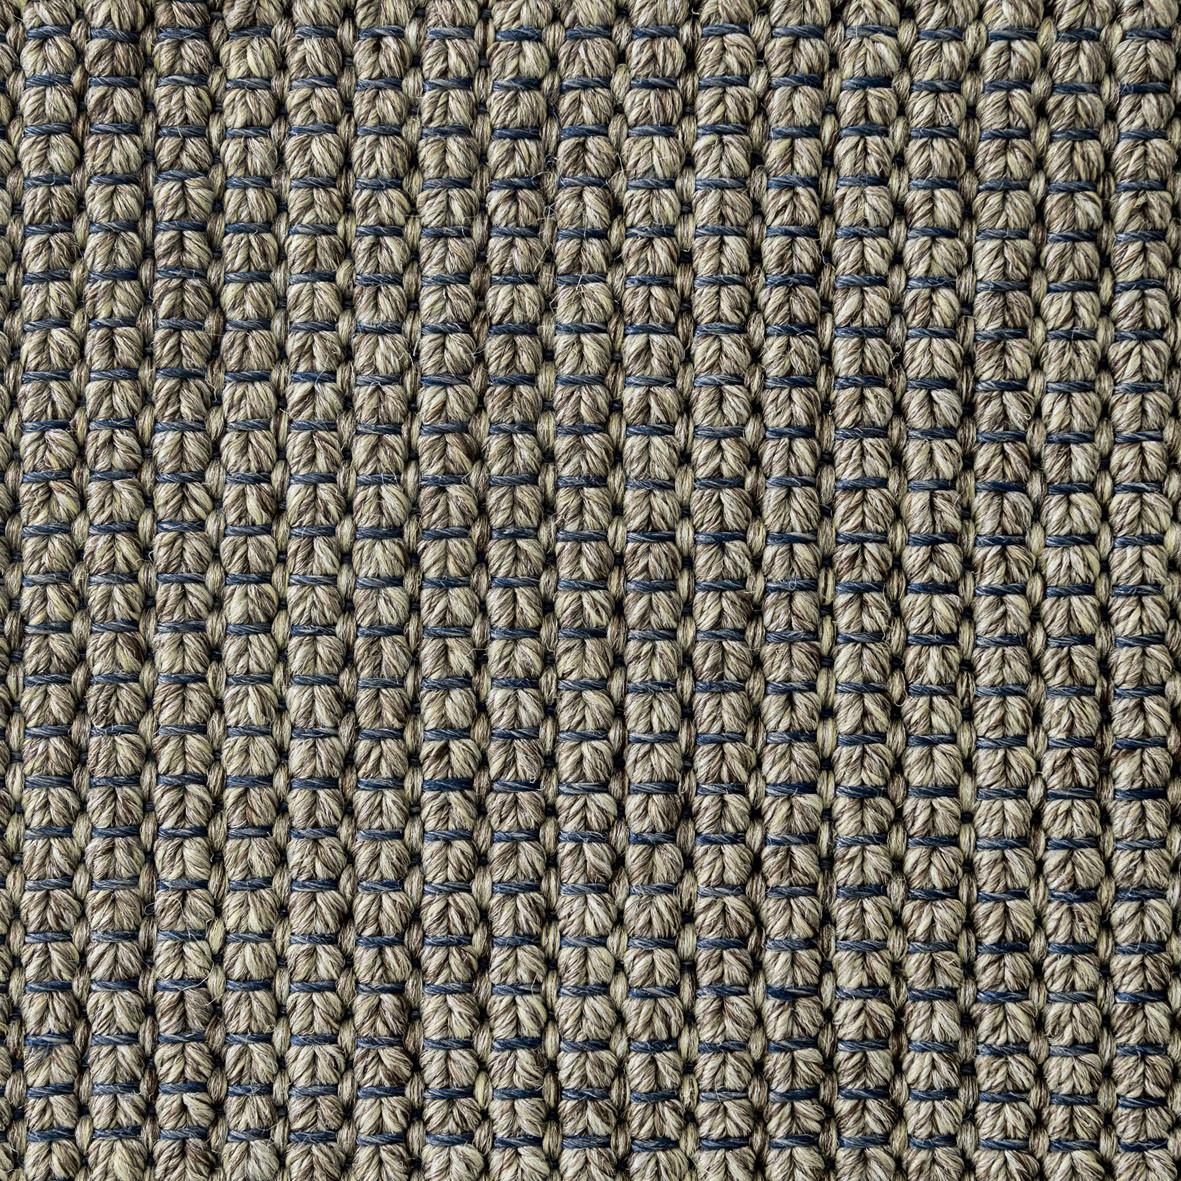 Abgepasste Teppiche für den Außenbereich  Boden  News